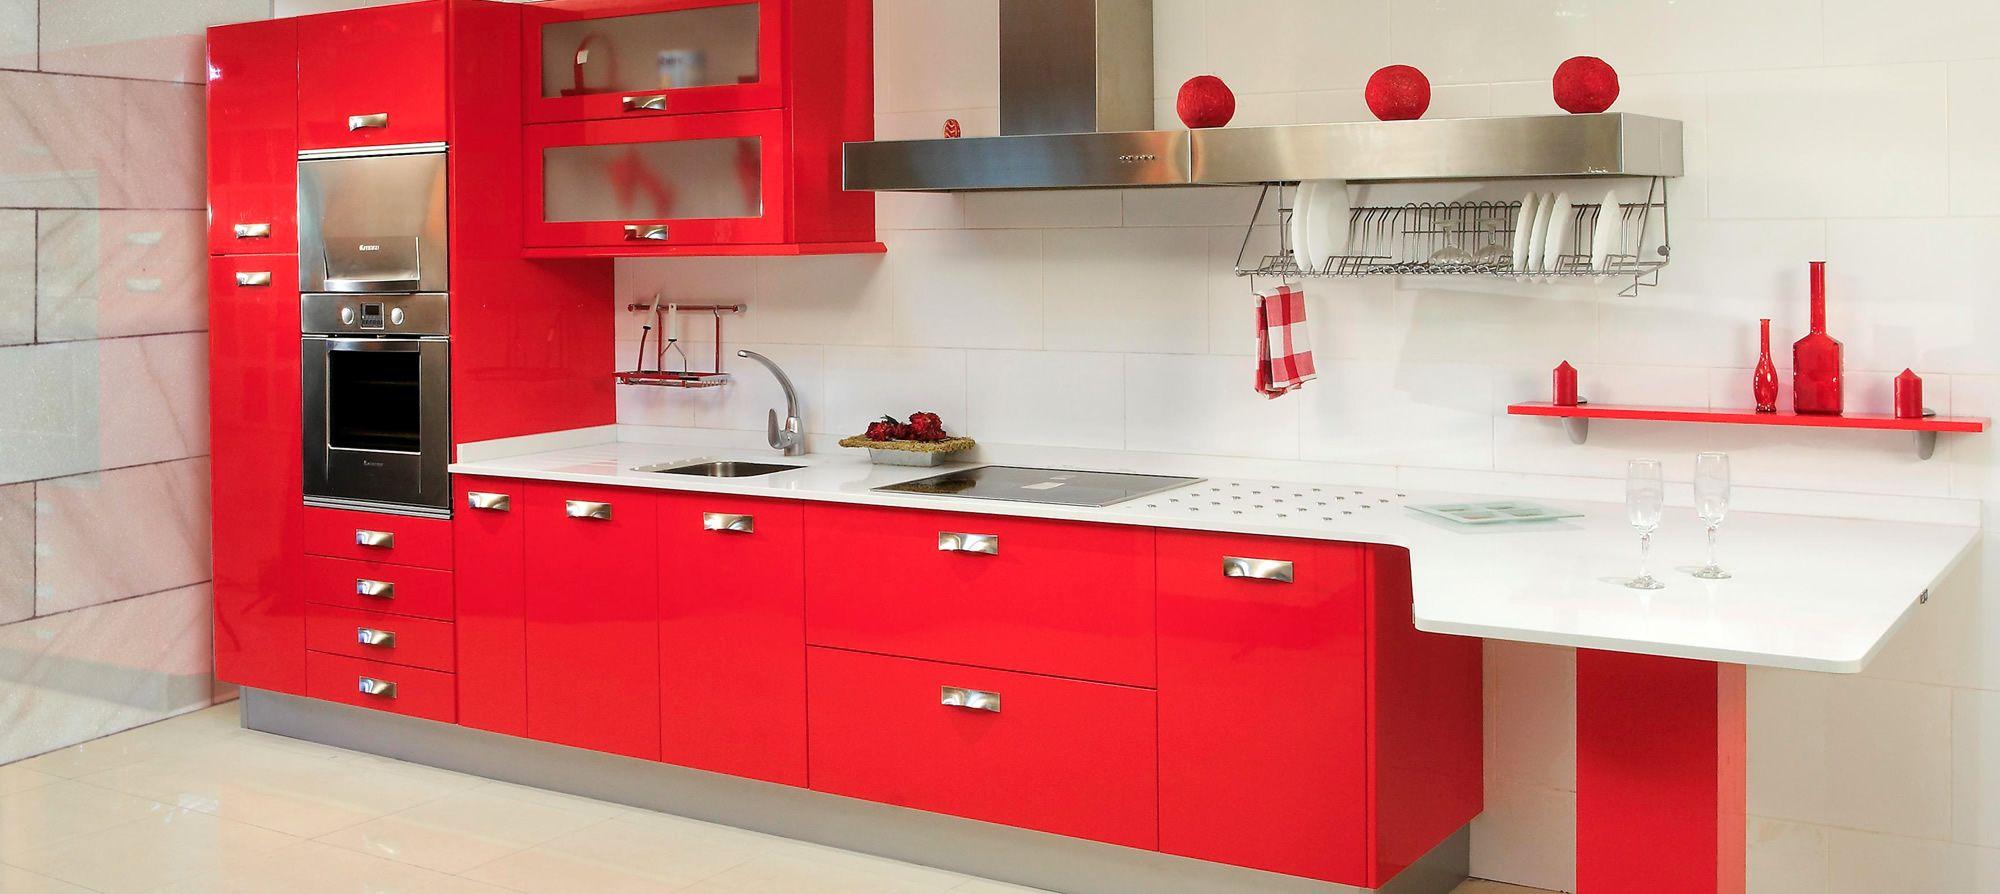 Dise os de cocinas integrales para espacios peque os - Disenos d cocinas ...